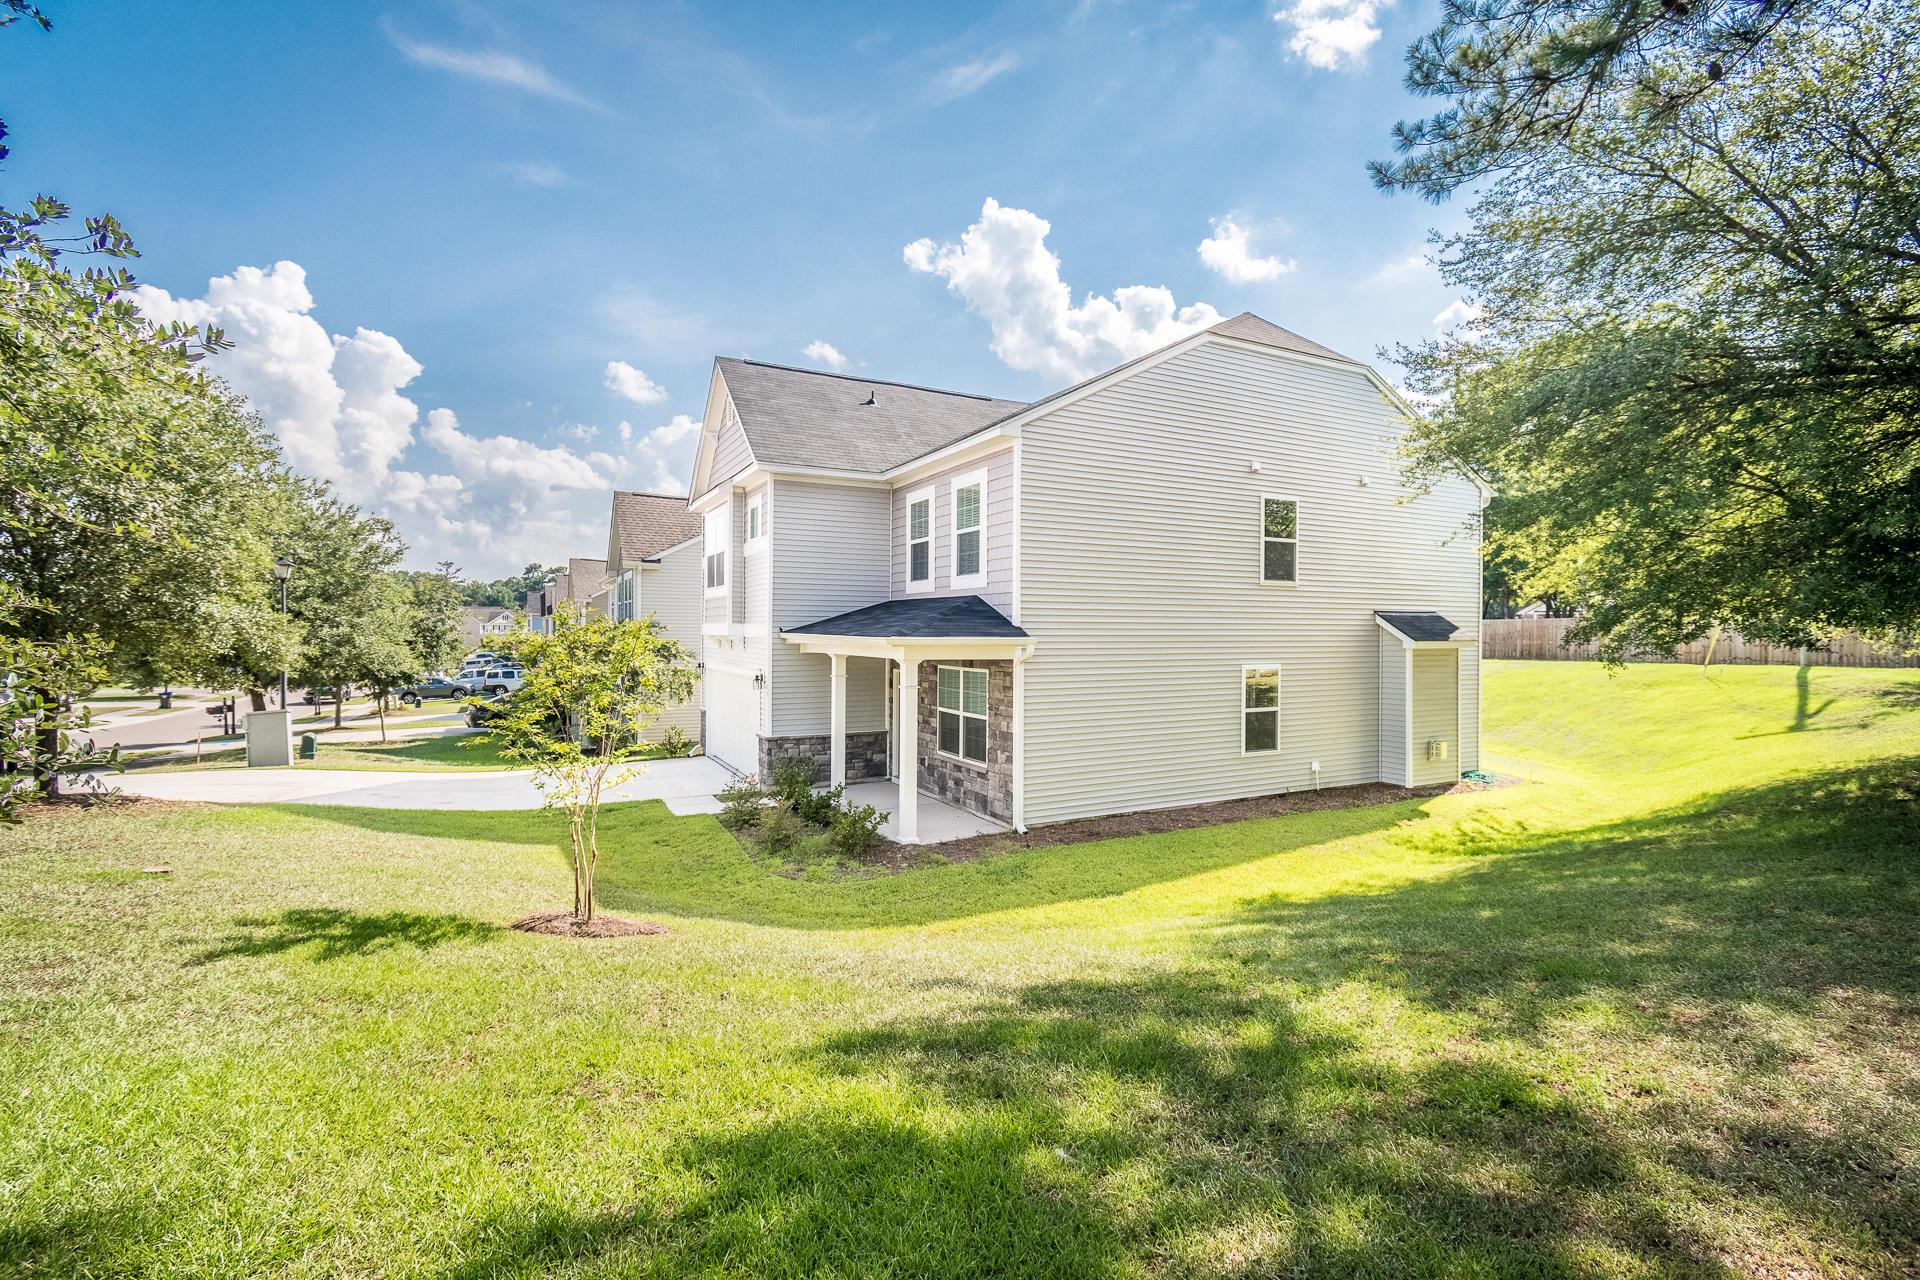 Sunnyfield Homes For Sale - 100 Medford, Summerville, SC - 37